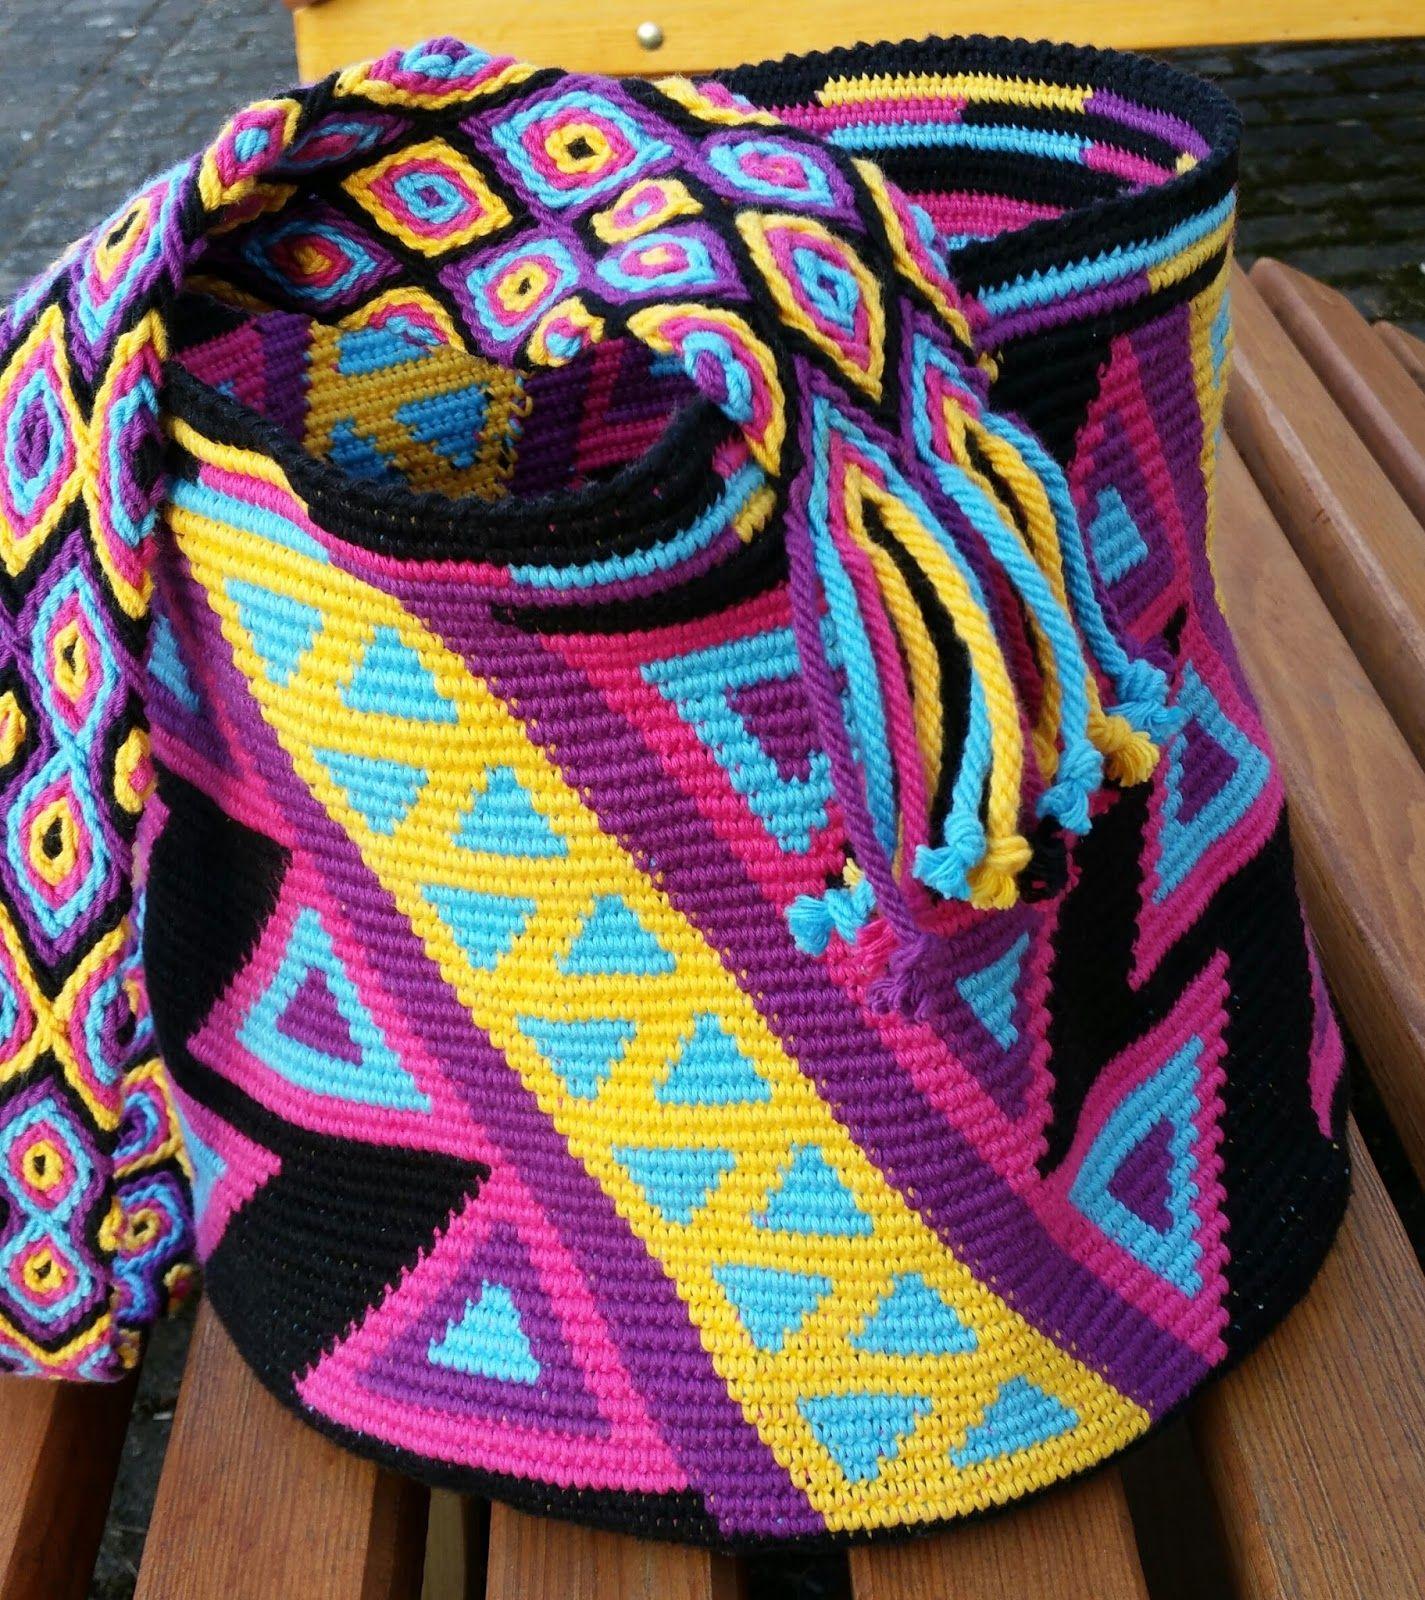 Da ich ja beim Häkeln der Wayuu mochila den Boden zuerst mit 6 ...